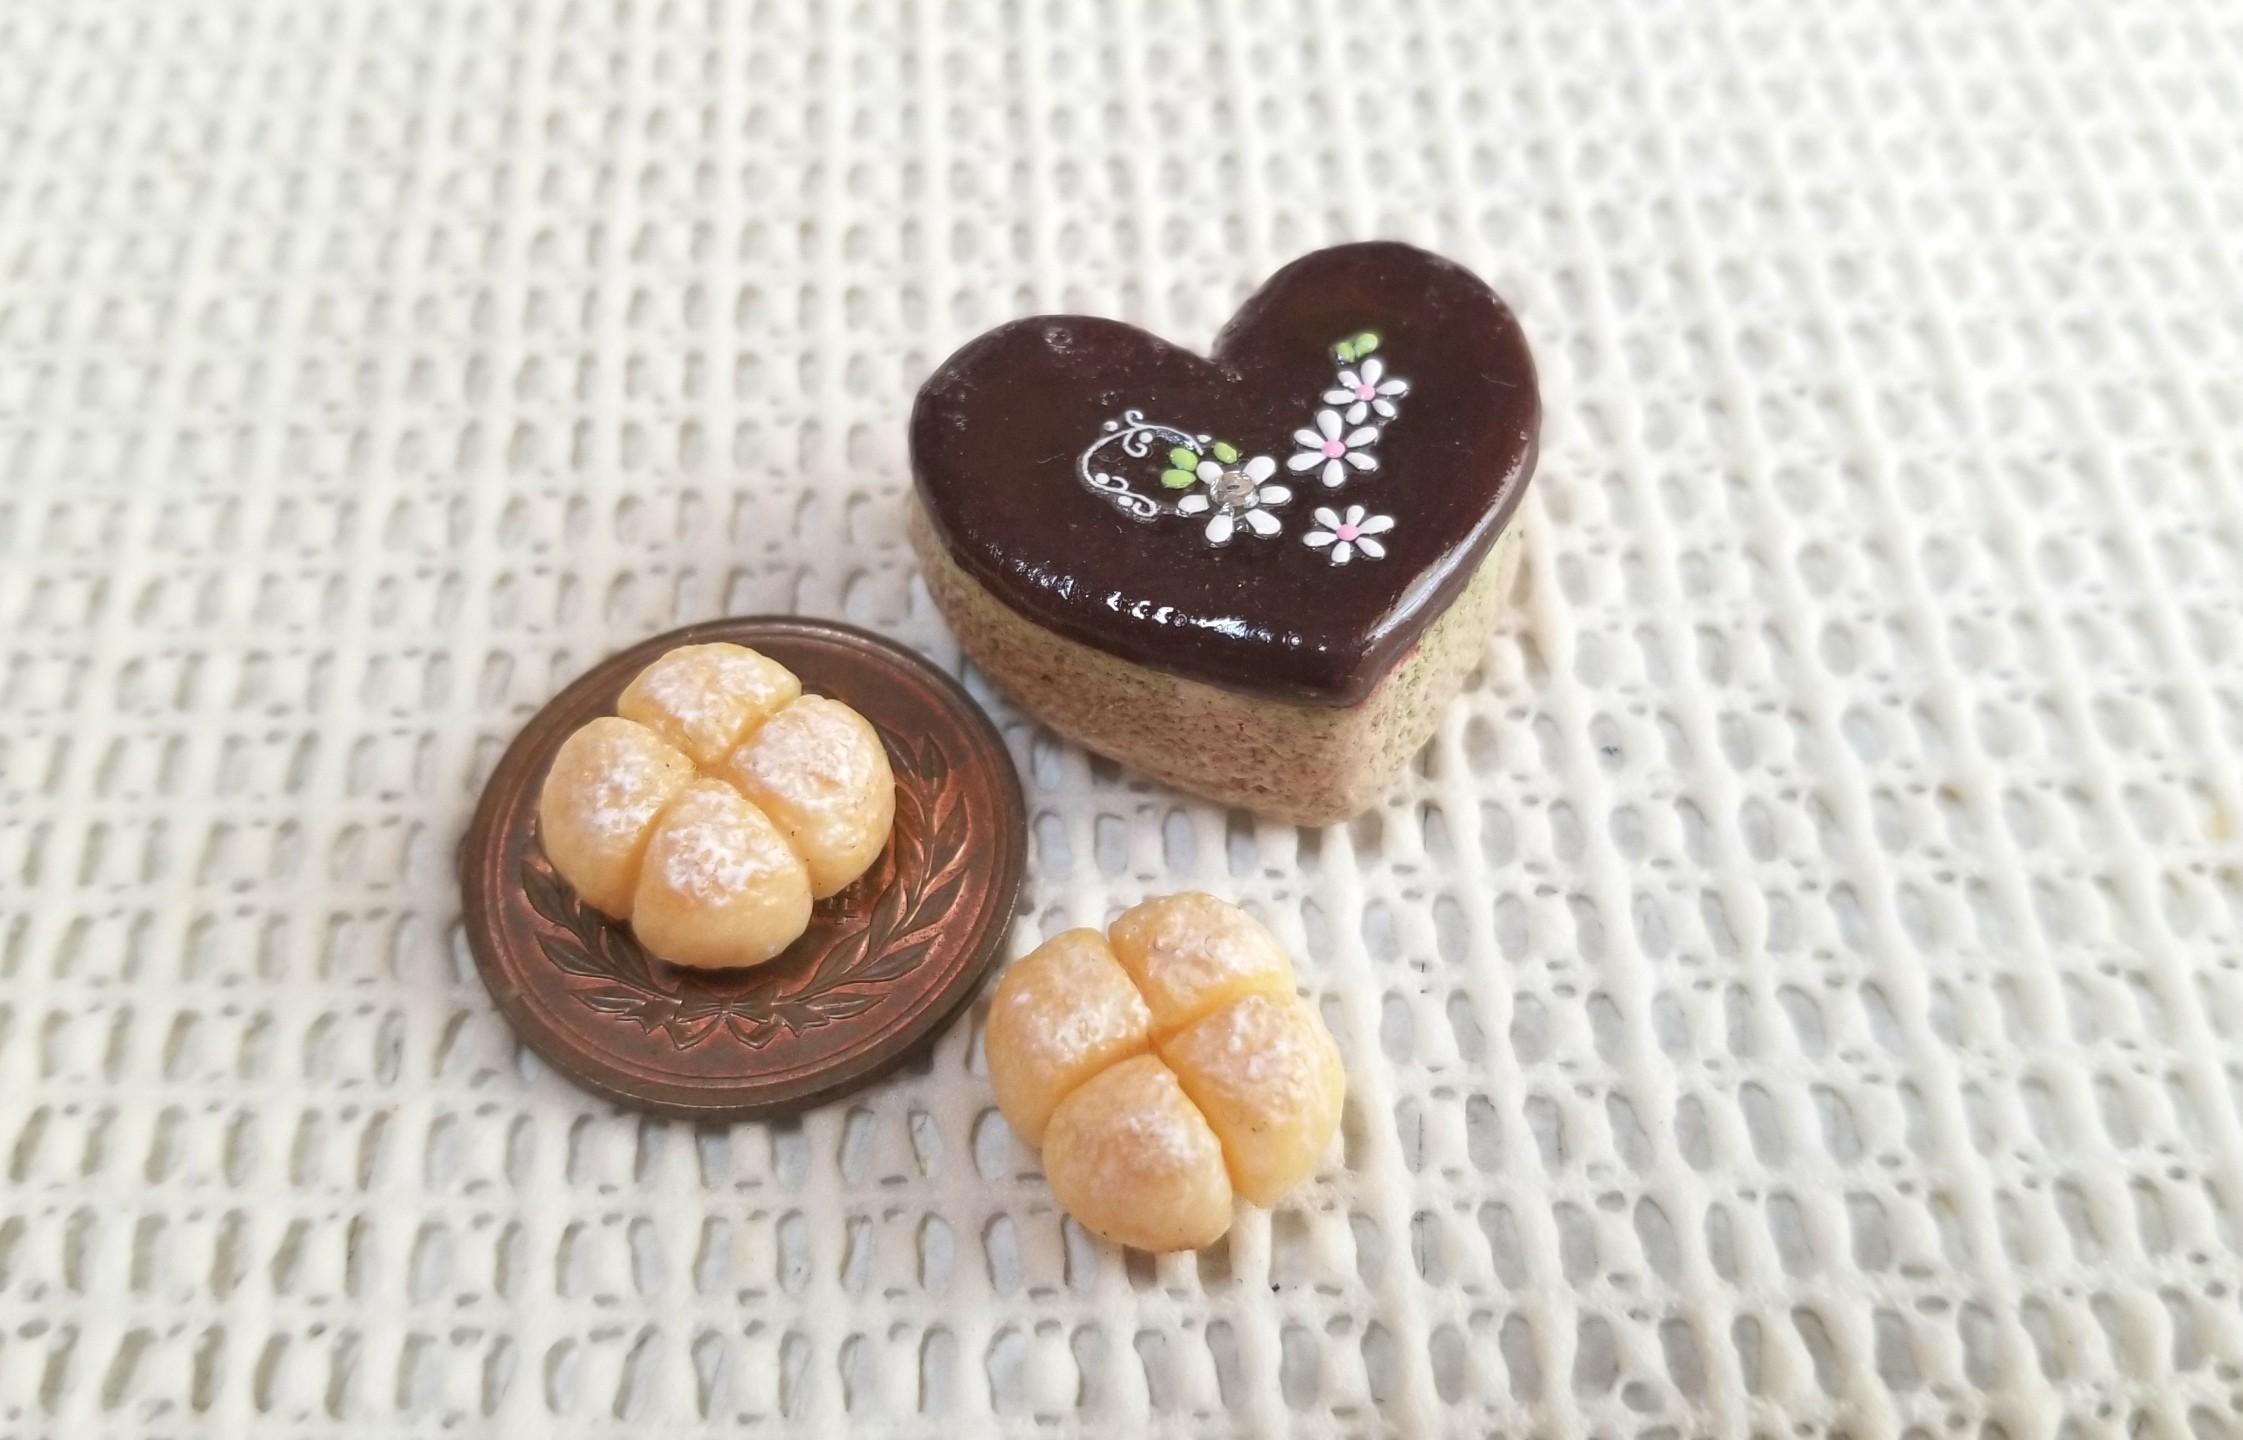 ミニチュア,ちぎりパン,ハートのチョコレートケーキ,樹脂粘土